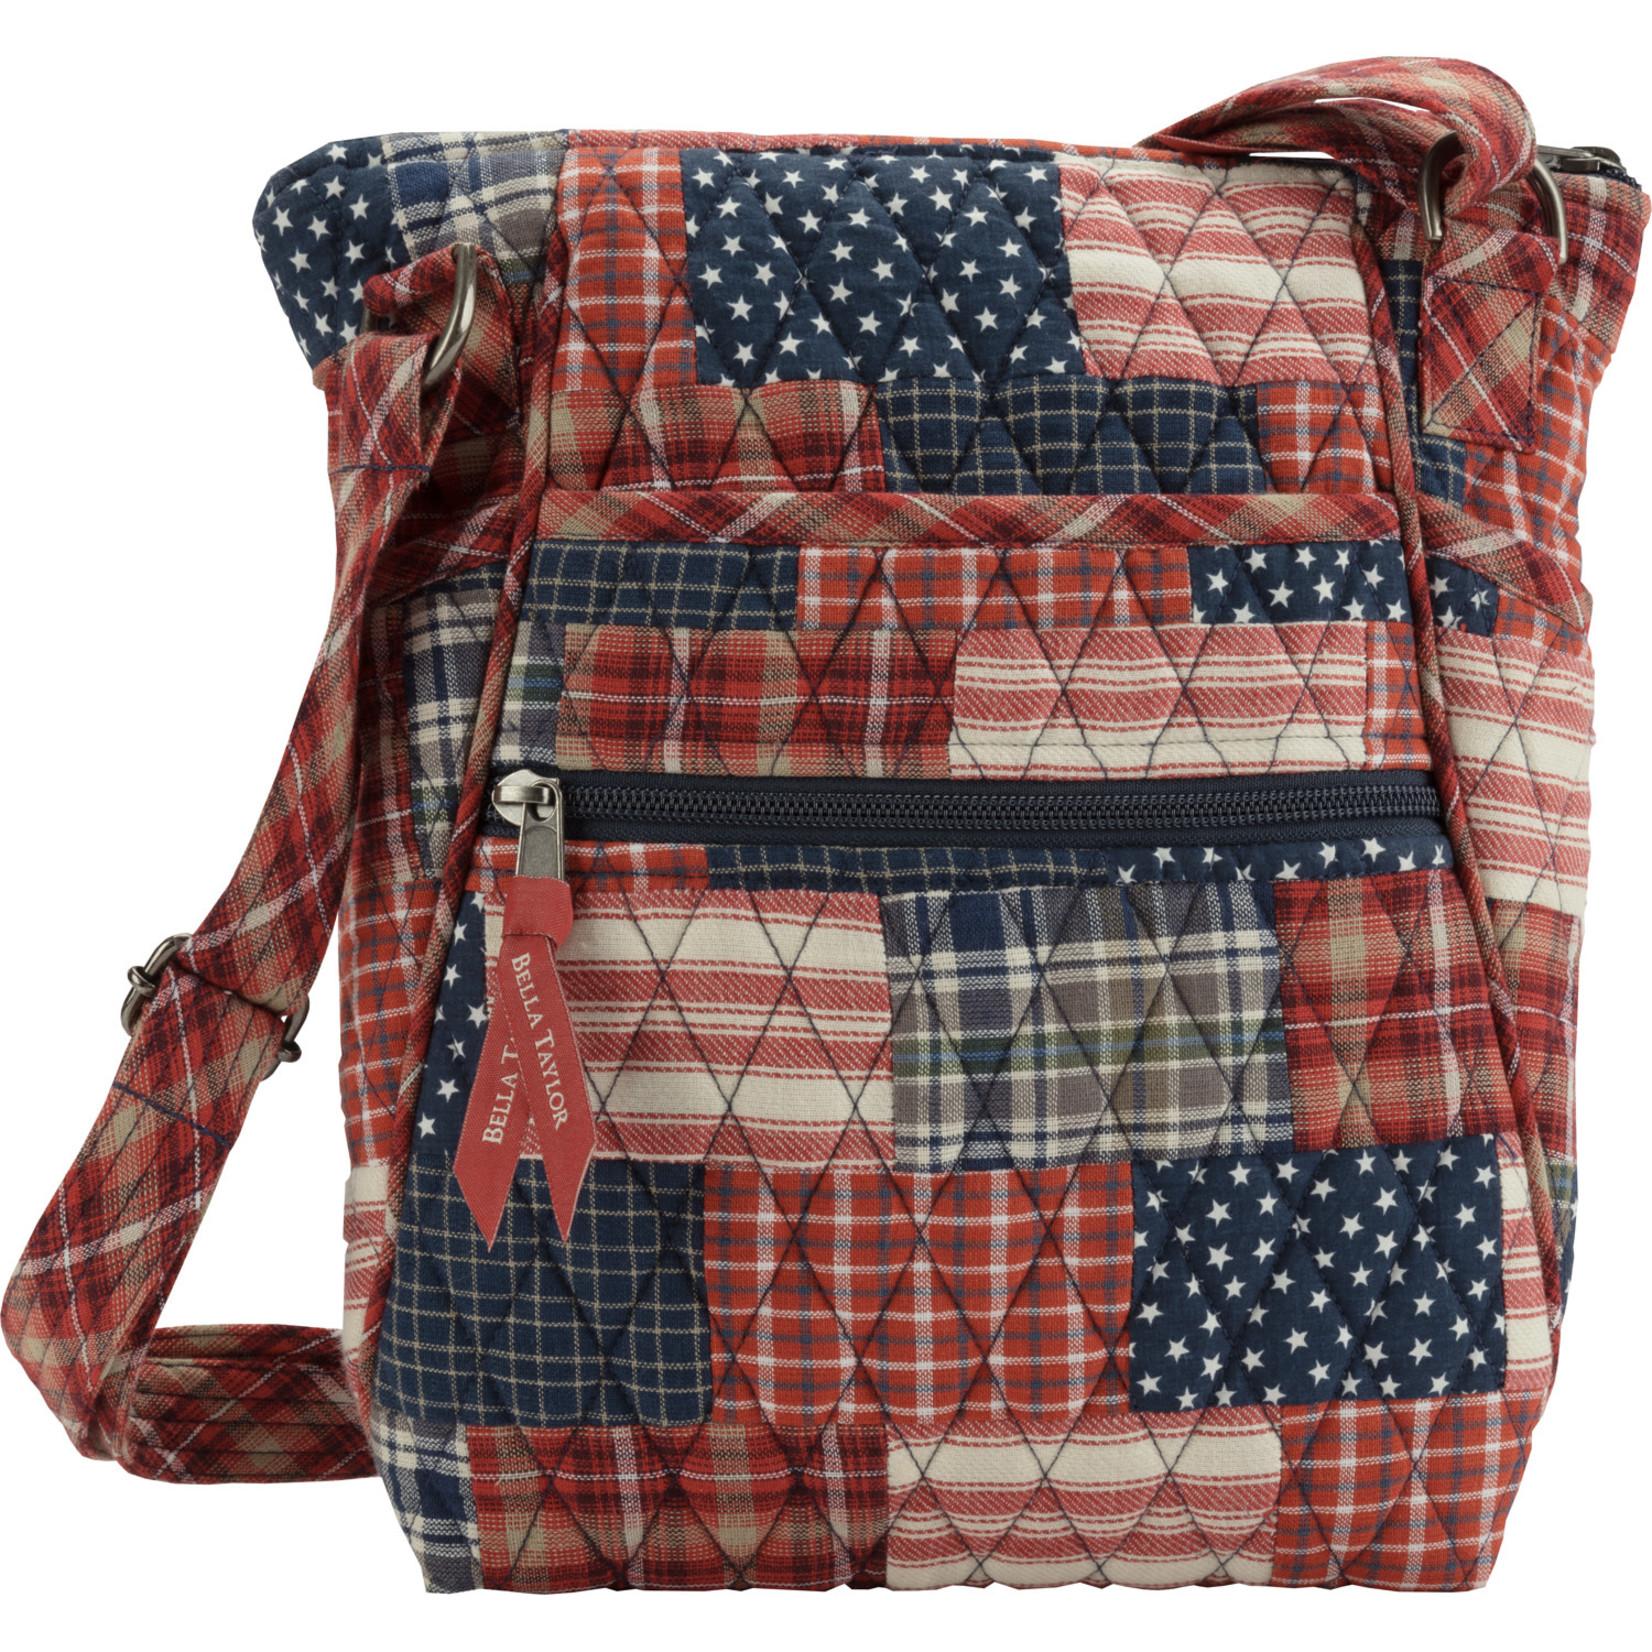 Bella Taylor Revere - Hipster handbag